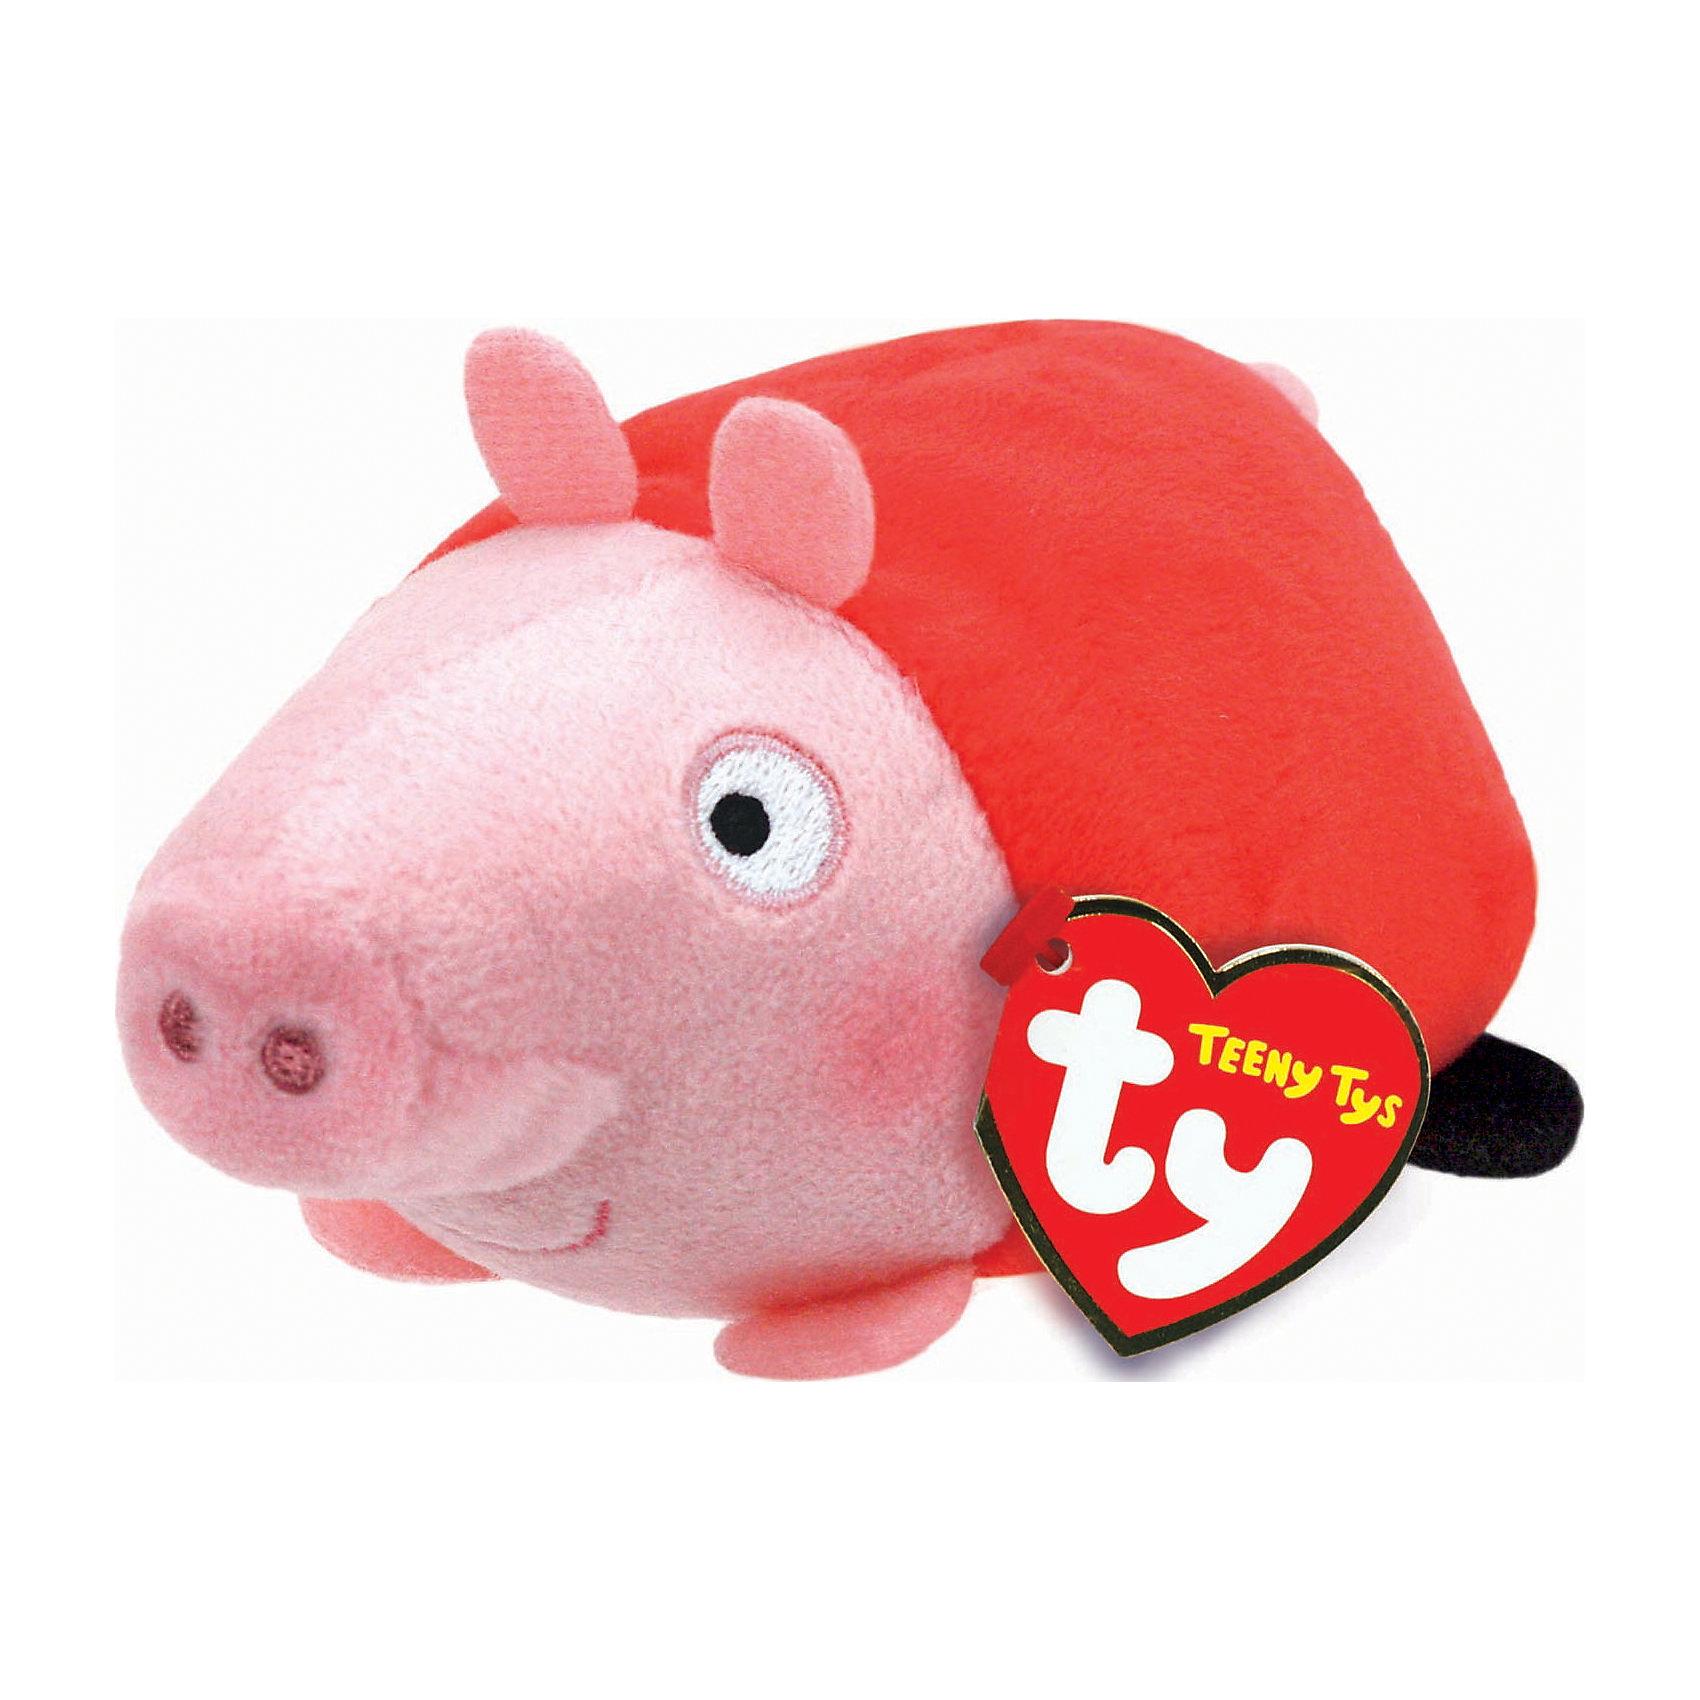 Мягкая игрушка Свинка Пеппа, 11х7х5 см, Teeny Tys, TyЛюбимые герои<br>Мягкая игрушка Свинка Пеппа, 11х7х5 см, Teeny Tys, Ty (Тай)<br><br>Характеристики:<br><br>• способствует развитию мелкой моторики<br>• приятная на ощупь<br>• не содержит опасных элементов<br>• размер игрушки: 11х7х5 см<br>• не содержит токсичных материалов, опасных для здоровья ребёнка<br>• материал: текстиль, наполнитель<br>• вес: 23 грамма<br><br>Маленькие поклонники мультсериала Свинка Пеппа будут в восторге от этой замечательной игрушки. Узнаваемый образ главной героини мультика понравится и детям, и взрослым. Глазки и пятачок свинки вышиты. Игрушка не имеет мелких, опасных элементов, которые могут поранить малыша. Свинка имеет небольшой размер, поэтому игра поможет развить мелкую моторику рук крохи.<br><br>Мягкую игрушку Свинка Пеппа, 11х7х5 см, Teeny Tys, Ty (Тай) можно купить в нашем интернет-магазине.<br><br>Ширина мм: 70<br>Глубина мм: 50<br>Высота мм: 110<br>Вес г: 23<br>Возраст от месяцев: 36<br>Возраст до месяцев: 144<br>Пол: Унисекс<br>Возраст: Детский<br>SKU: 5399793